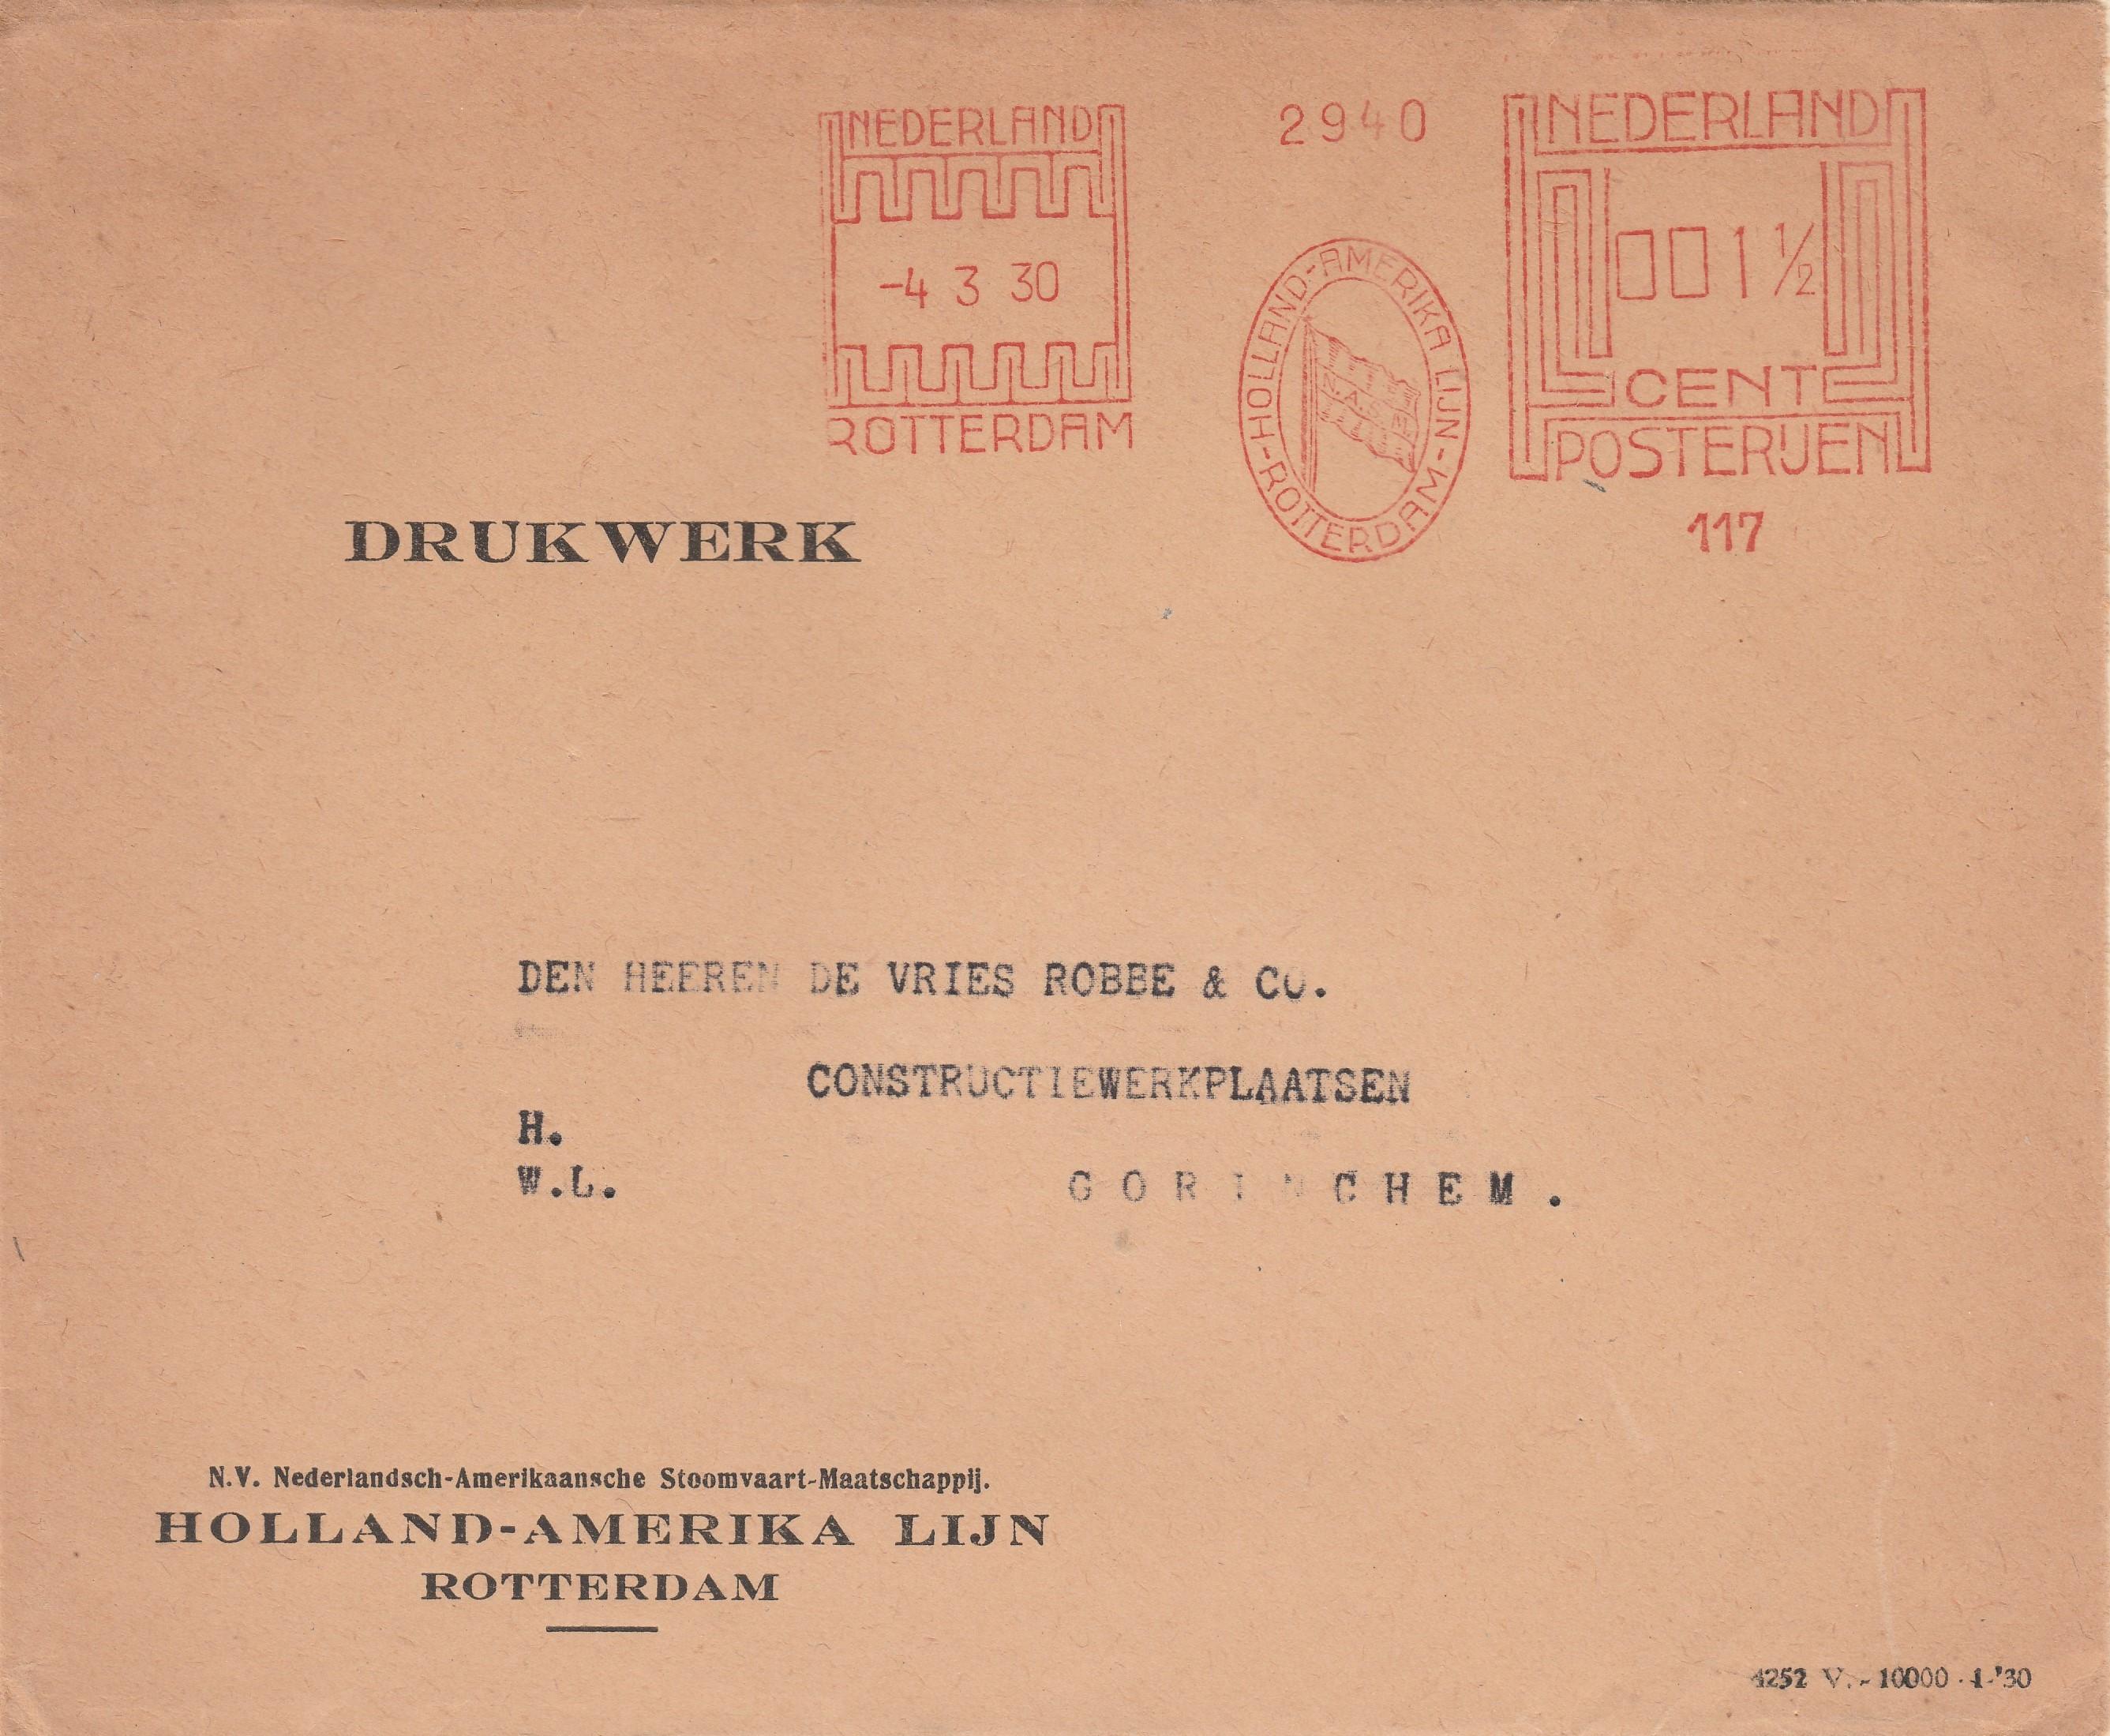 Enveloppen De Vries Robbe (18) 1931 - N.V. Nederlandsch-Amerikaansche Stoomvaart-Maatschappij Holland-Amerika Lijn, Rotterdam